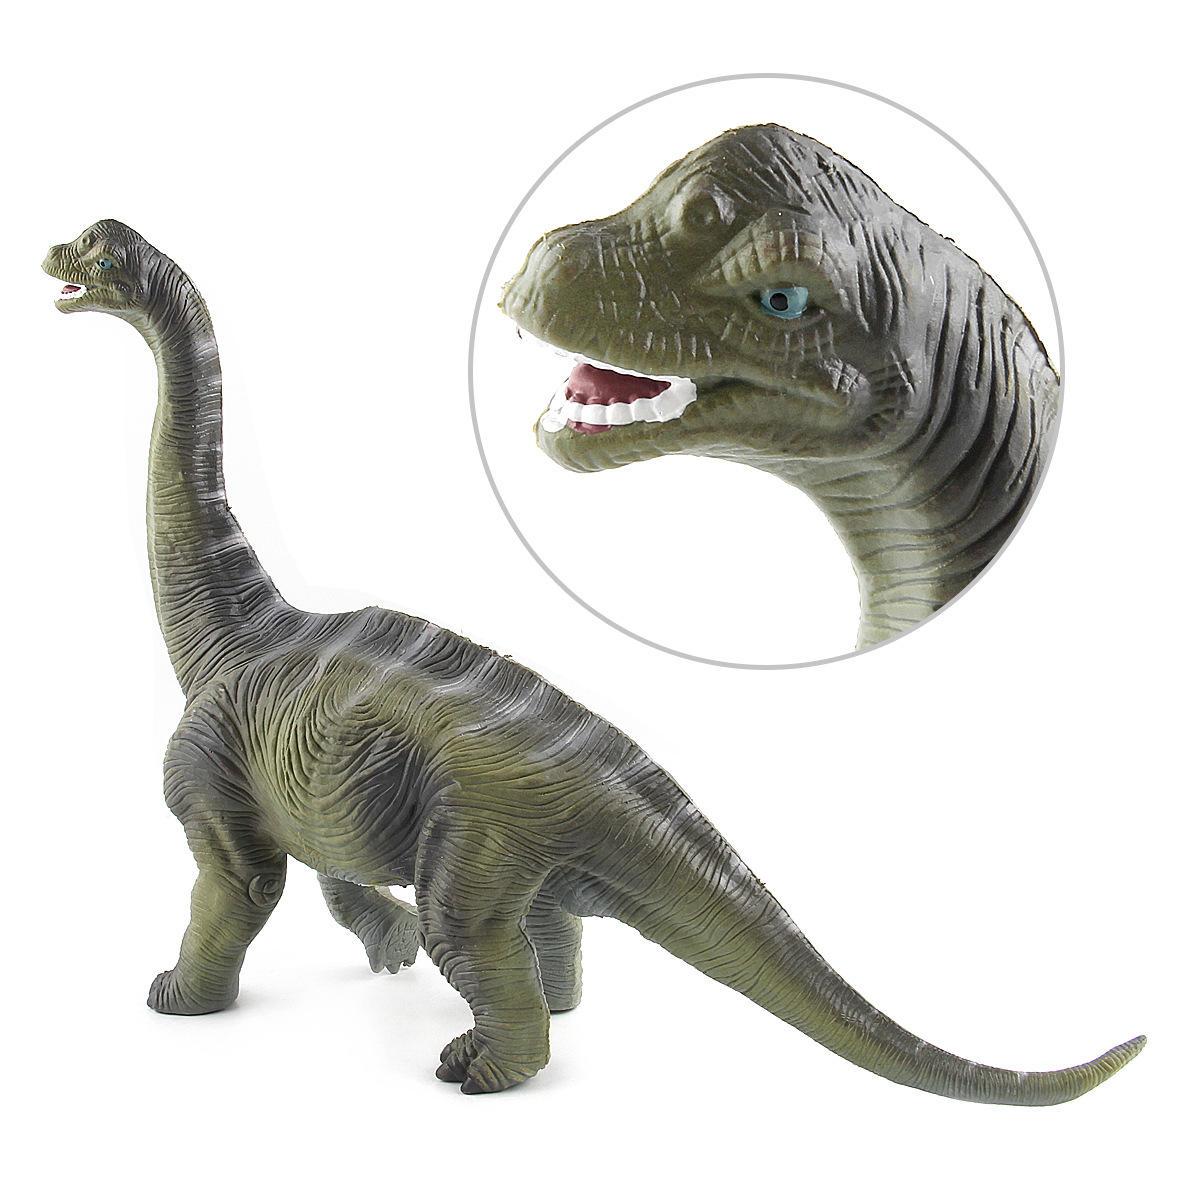 Большая игрушка динозавров Brachiosaurus Реалистичная твердая пластиковая модель Diecast для детей - 5